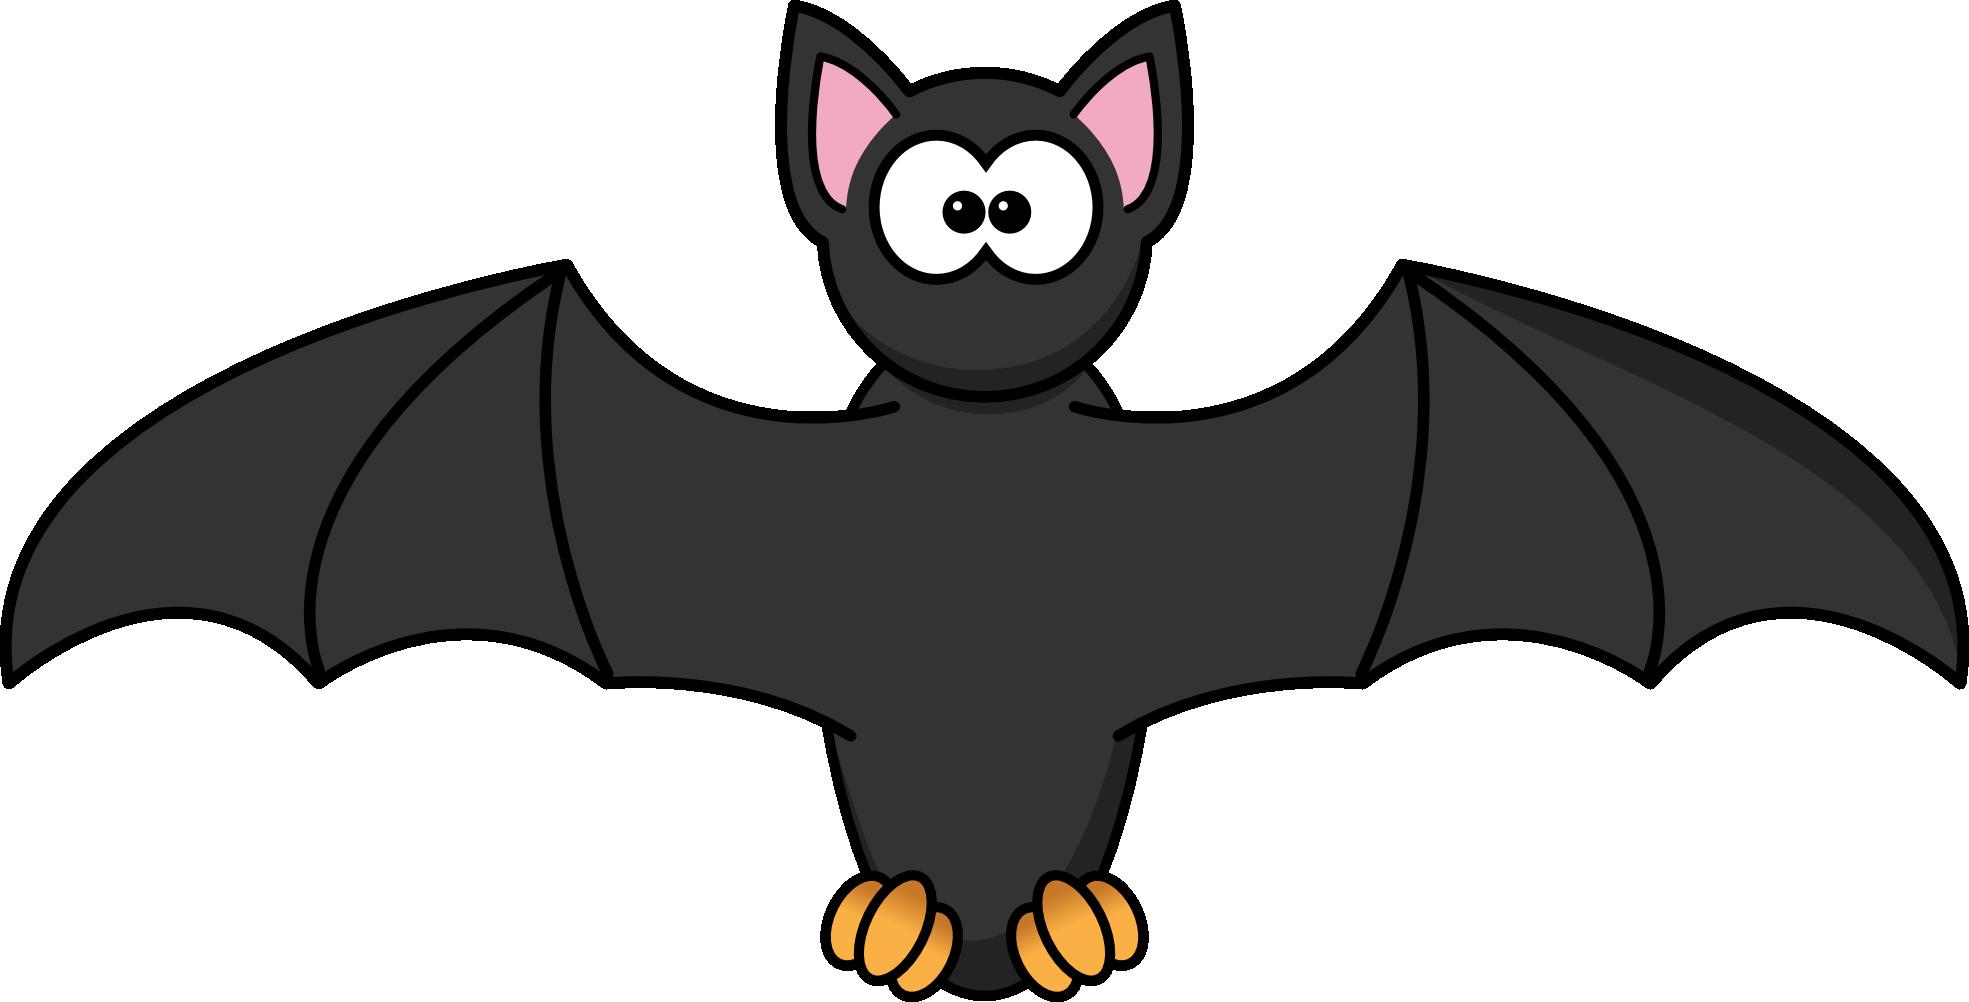 Bat cute. Panda free images clipart